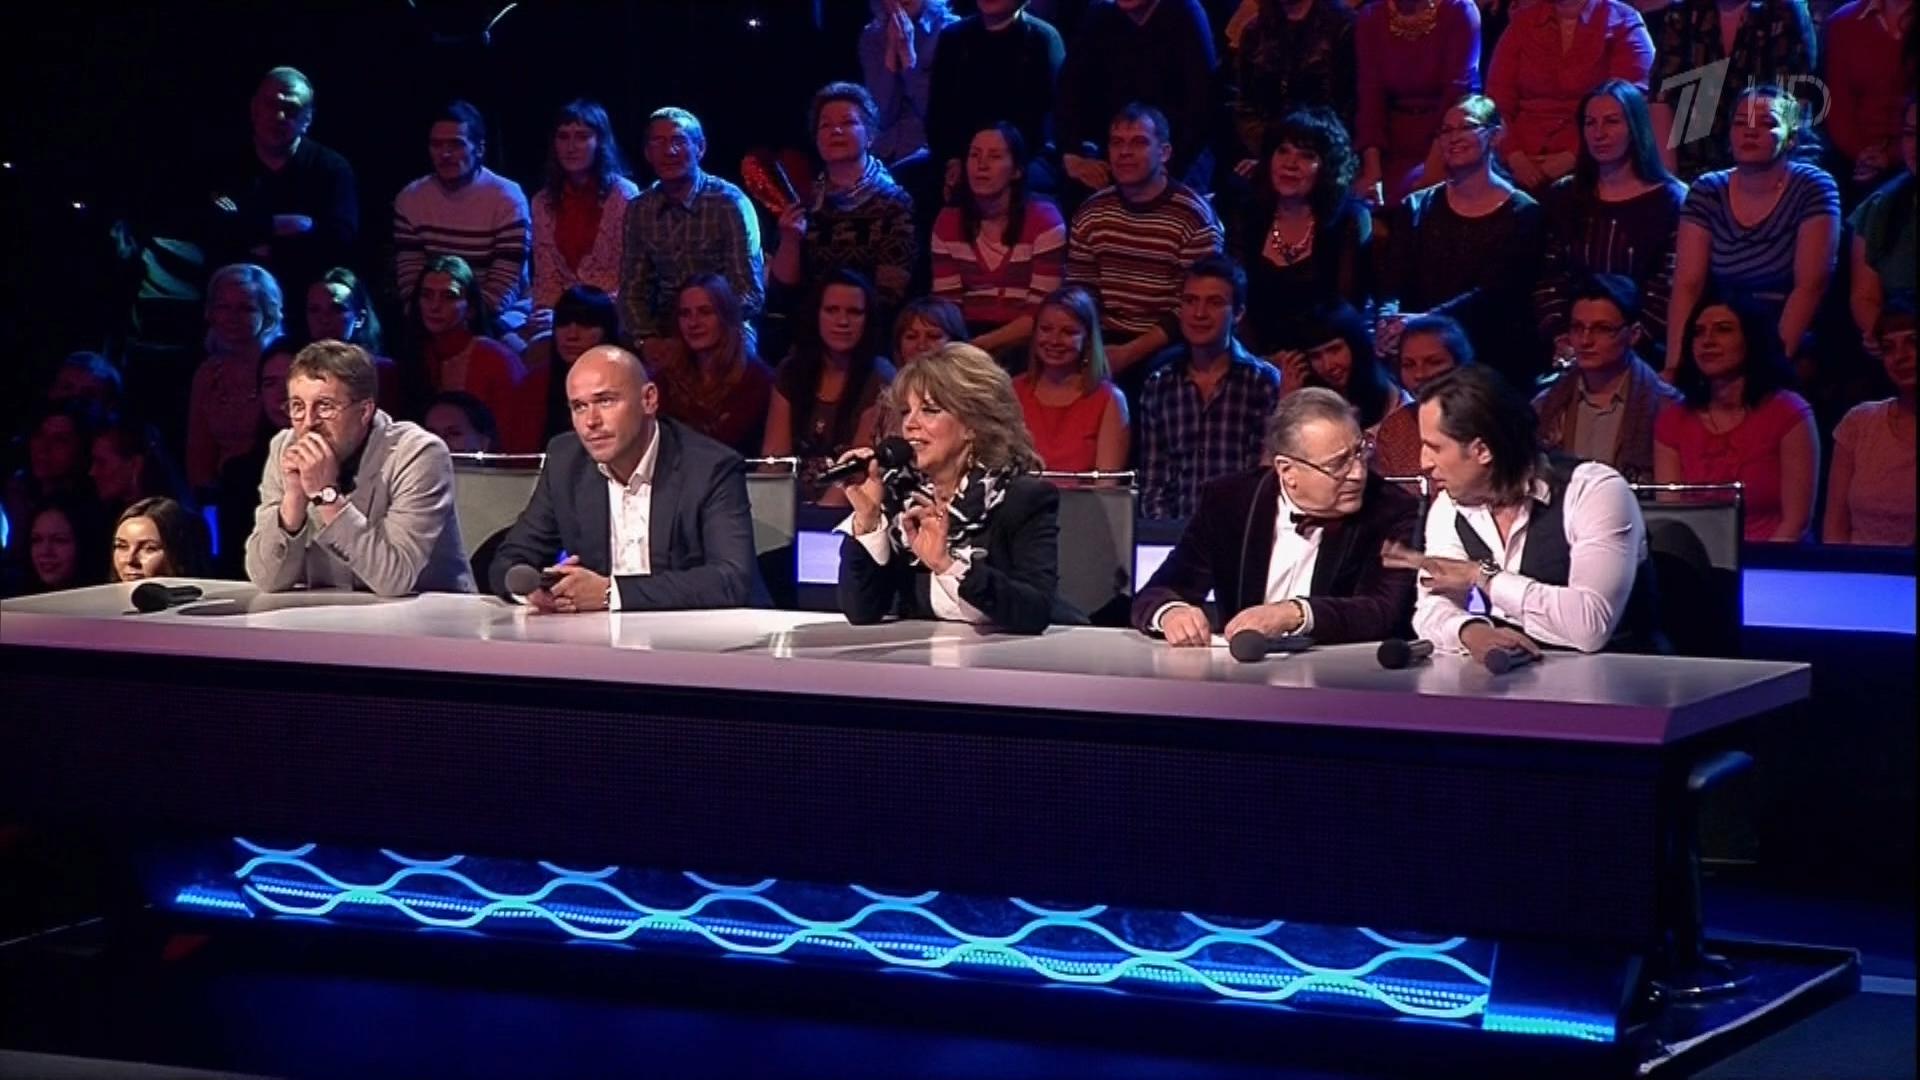 Точь в точь (1 сезон, 1-4 выпуски) (2014) HDTV (1080i)